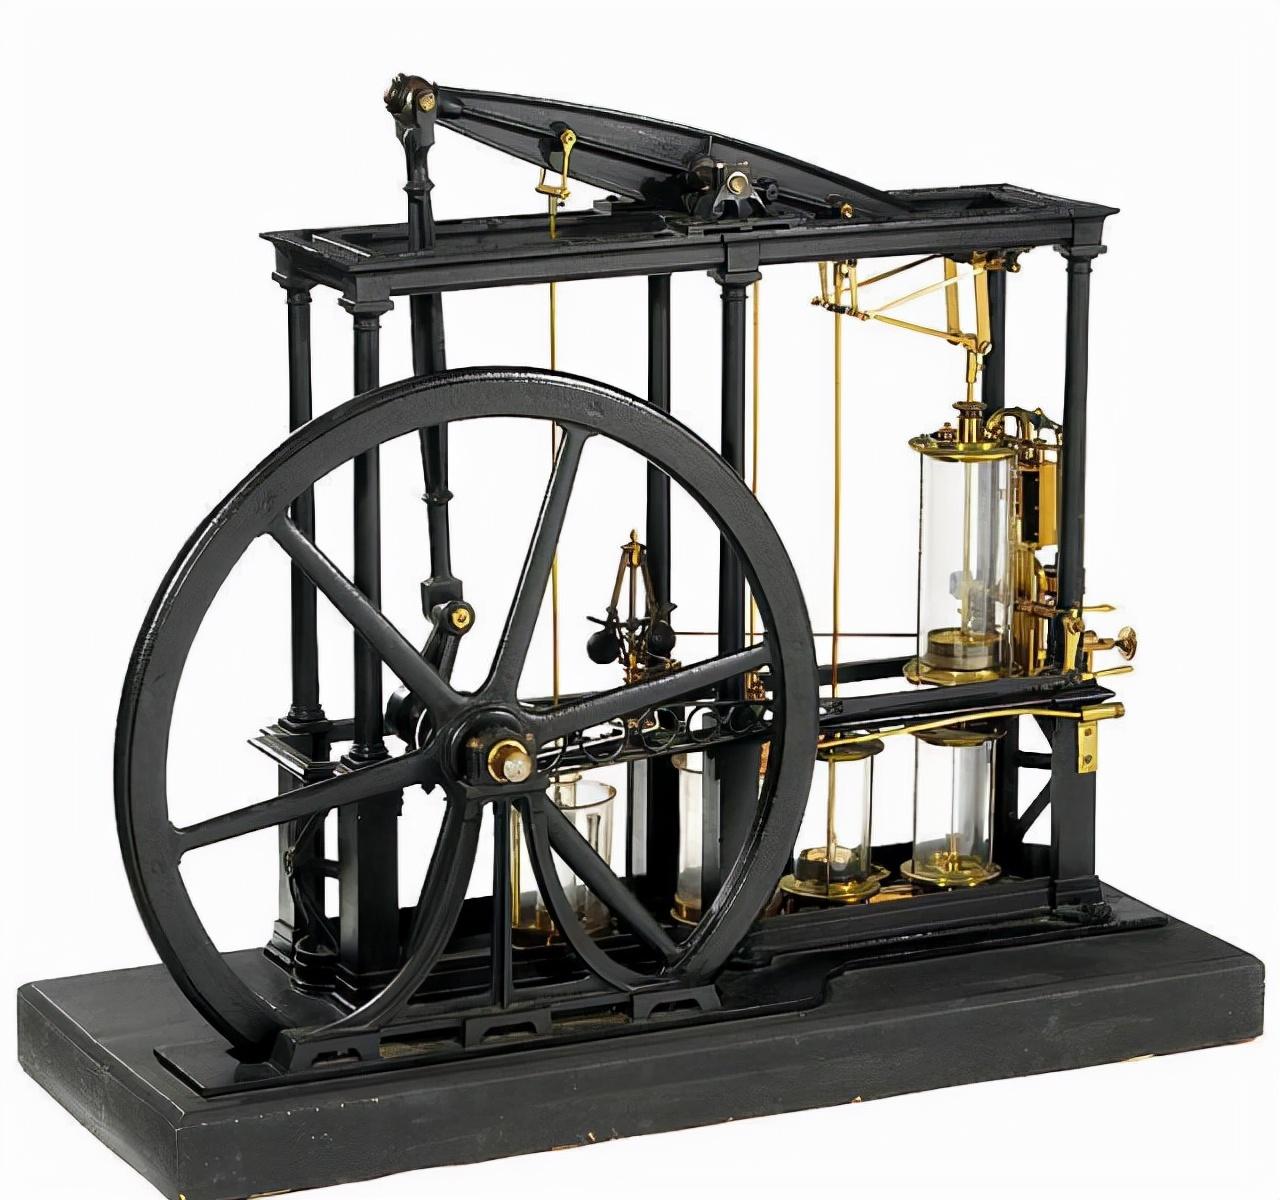 蒸汽机车是谁发明的(第一辆蒸汽火车发明者)